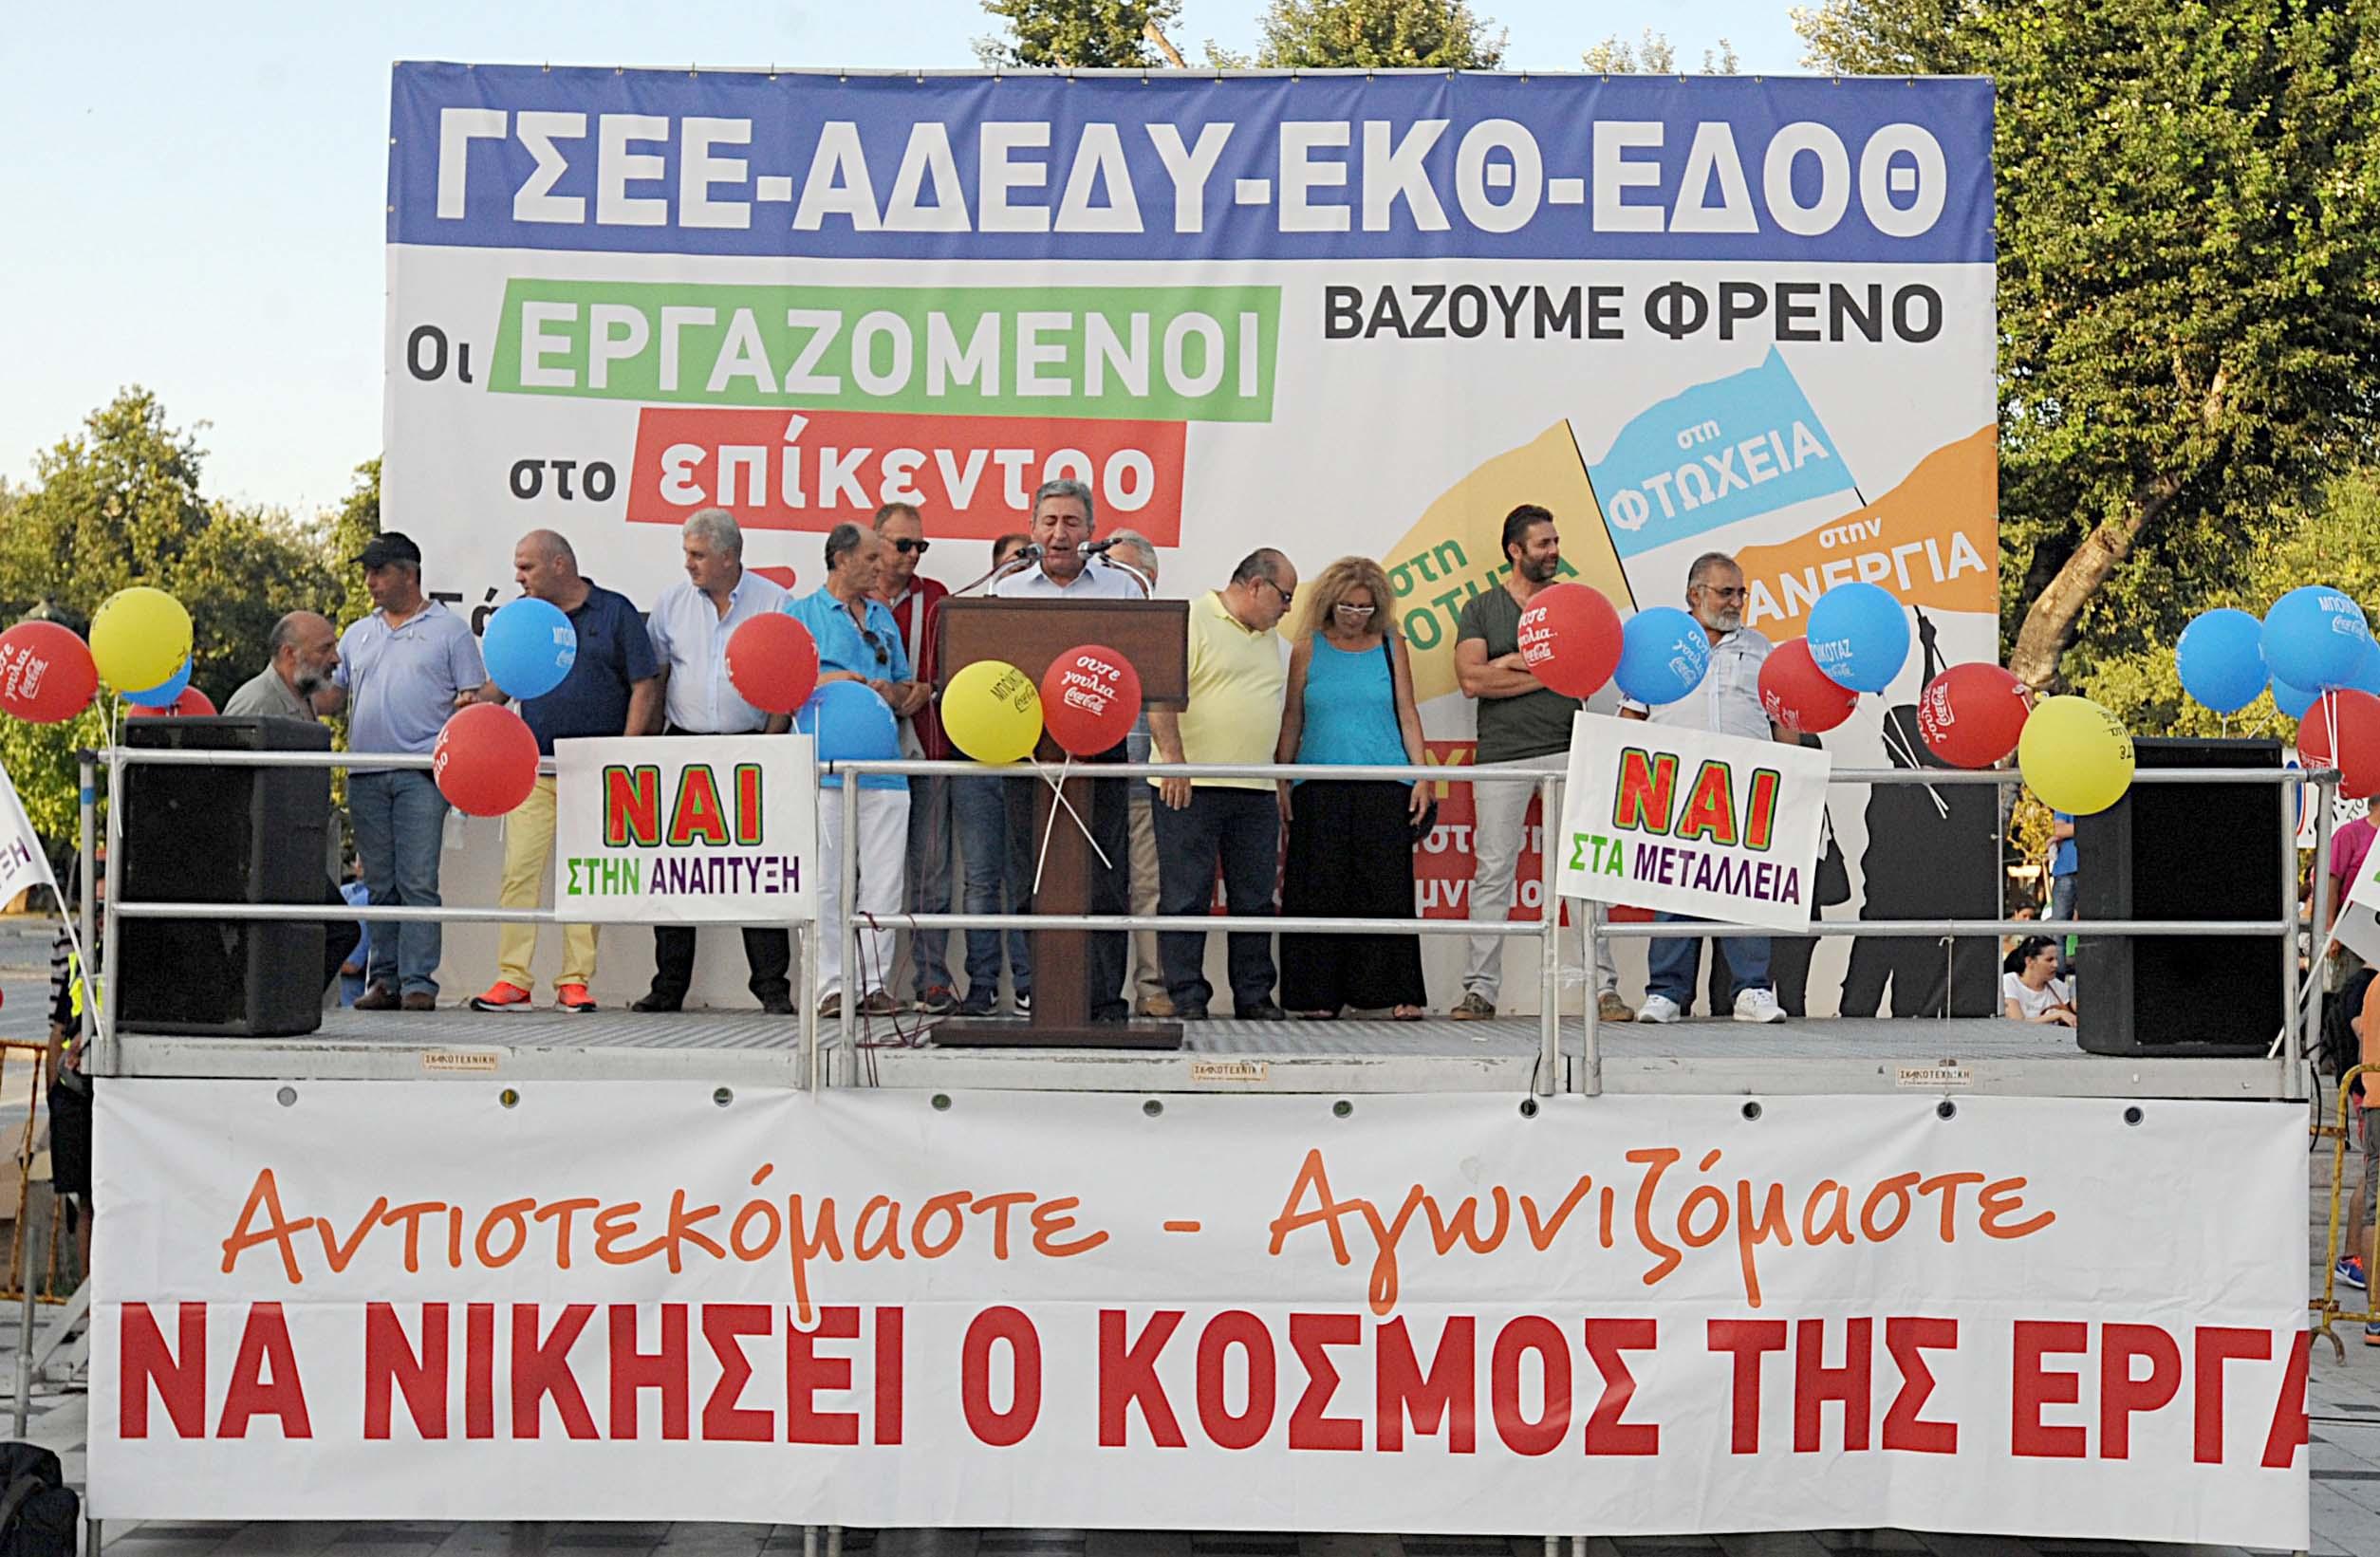 Ομιλία Προέδρου του ΕΚΘ, Παναγιώτη Τσαραμπουλίδη στο Συλλαλητήριο των Συνδικάτων της 80ης ΔΕΘ 5-9-2015